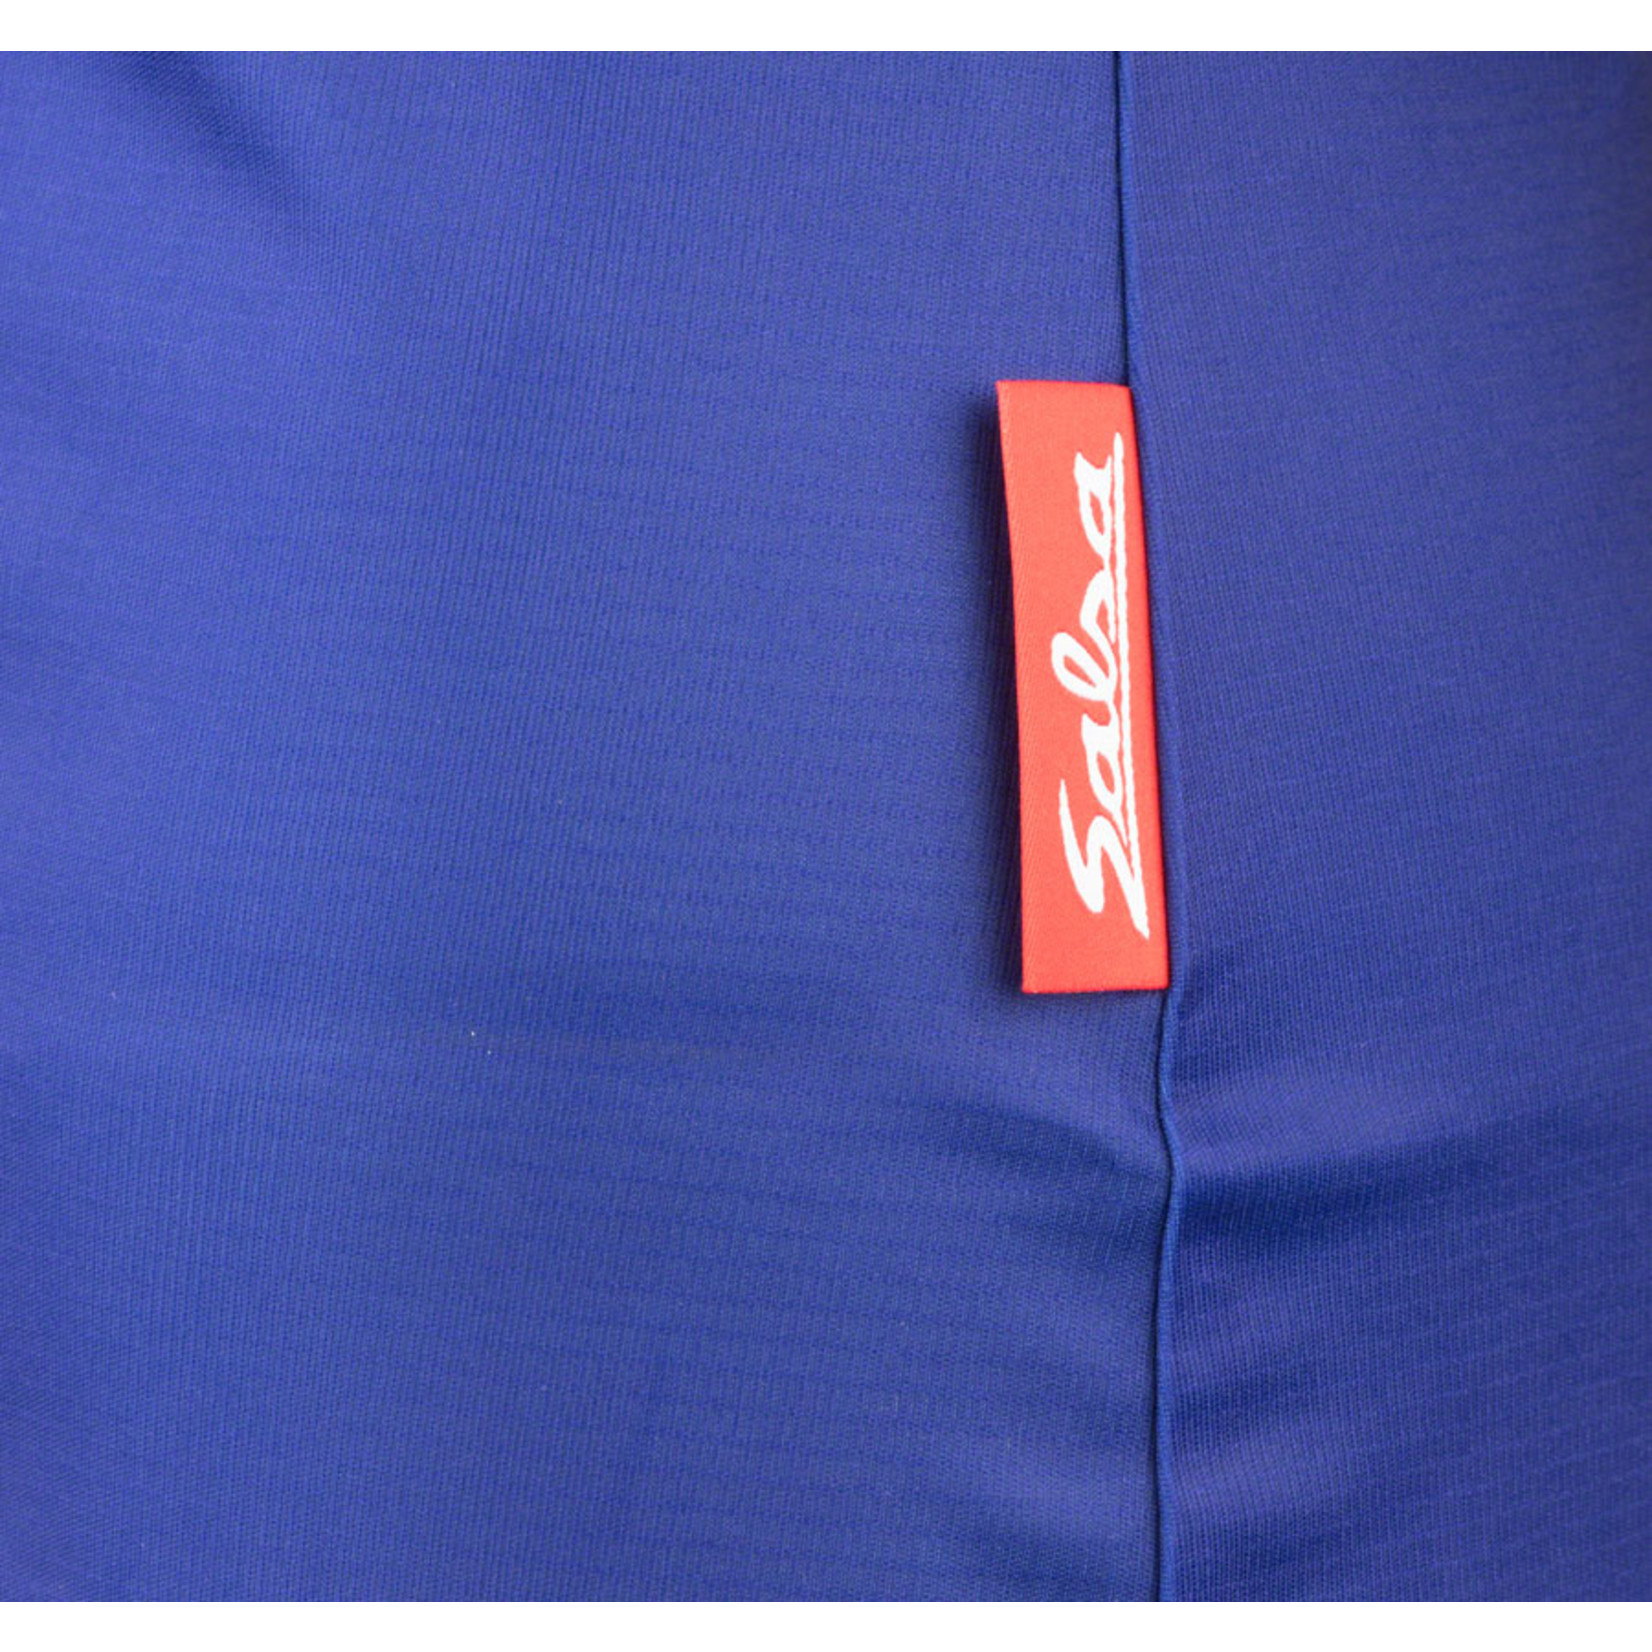 Salsa Salsa Devour MTB Jersey - Blue, 3/4 Sleeve, Women's, Medium